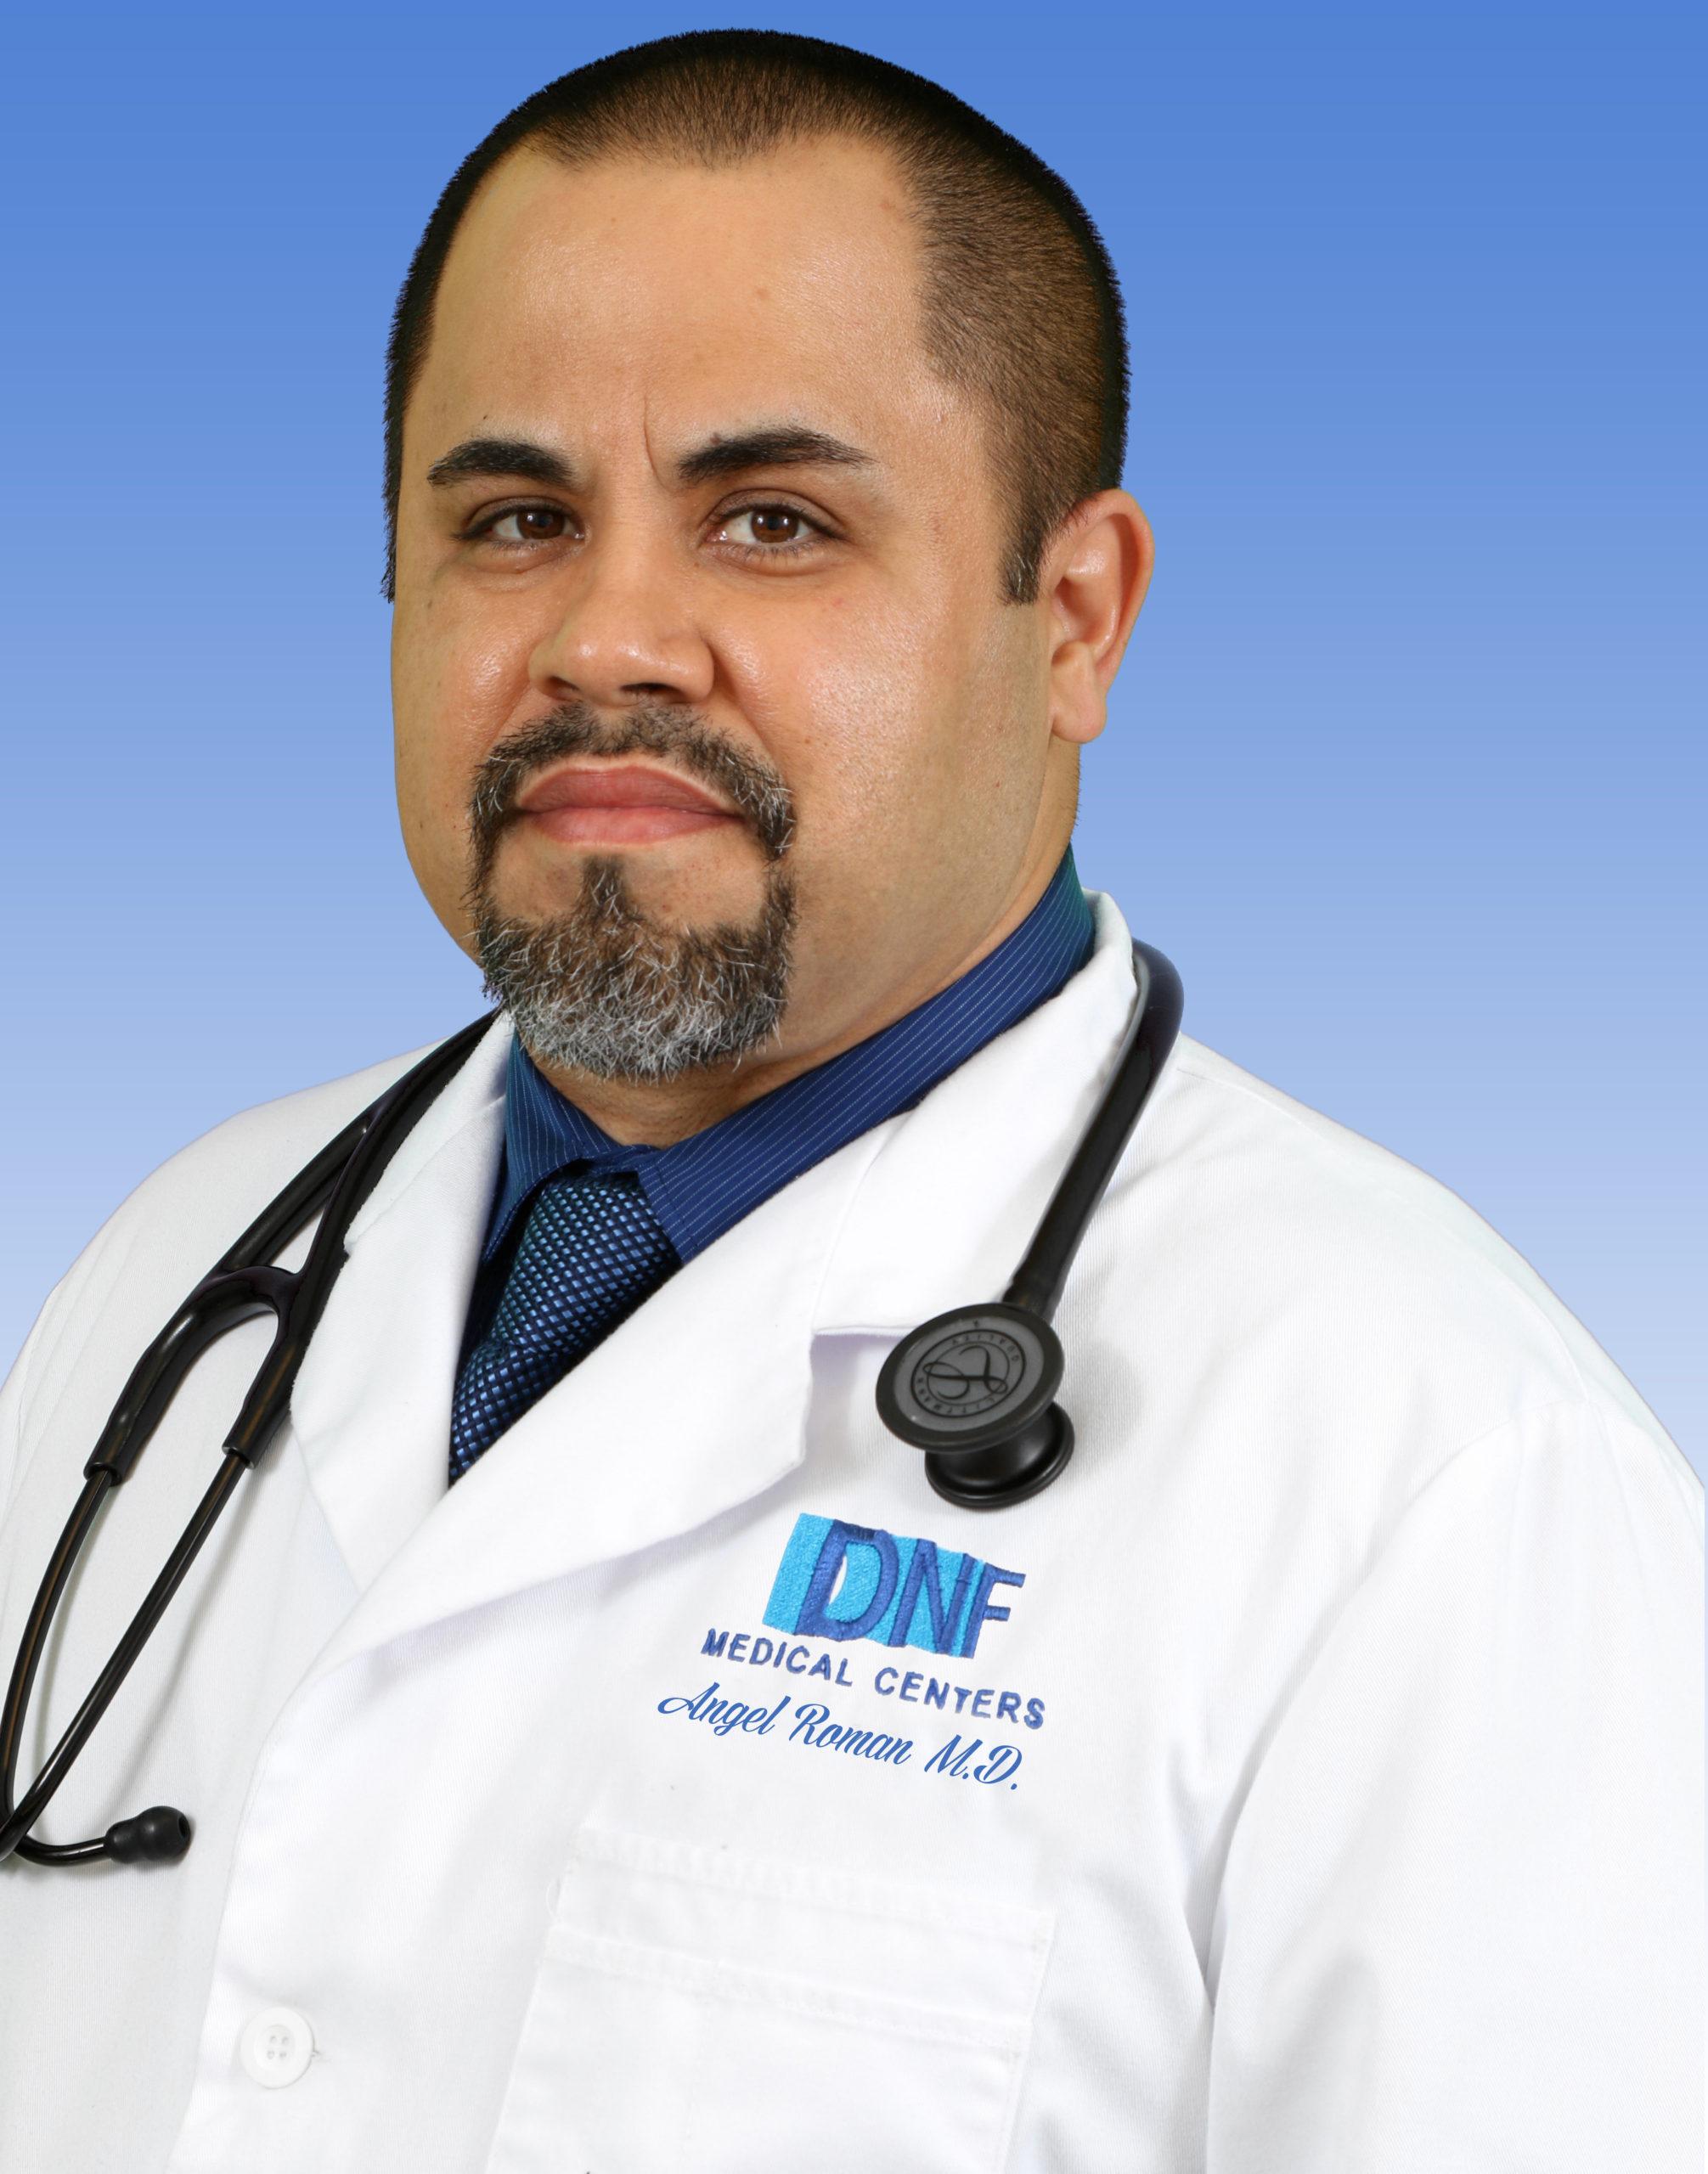 Angel O. Roman Munoz, MD